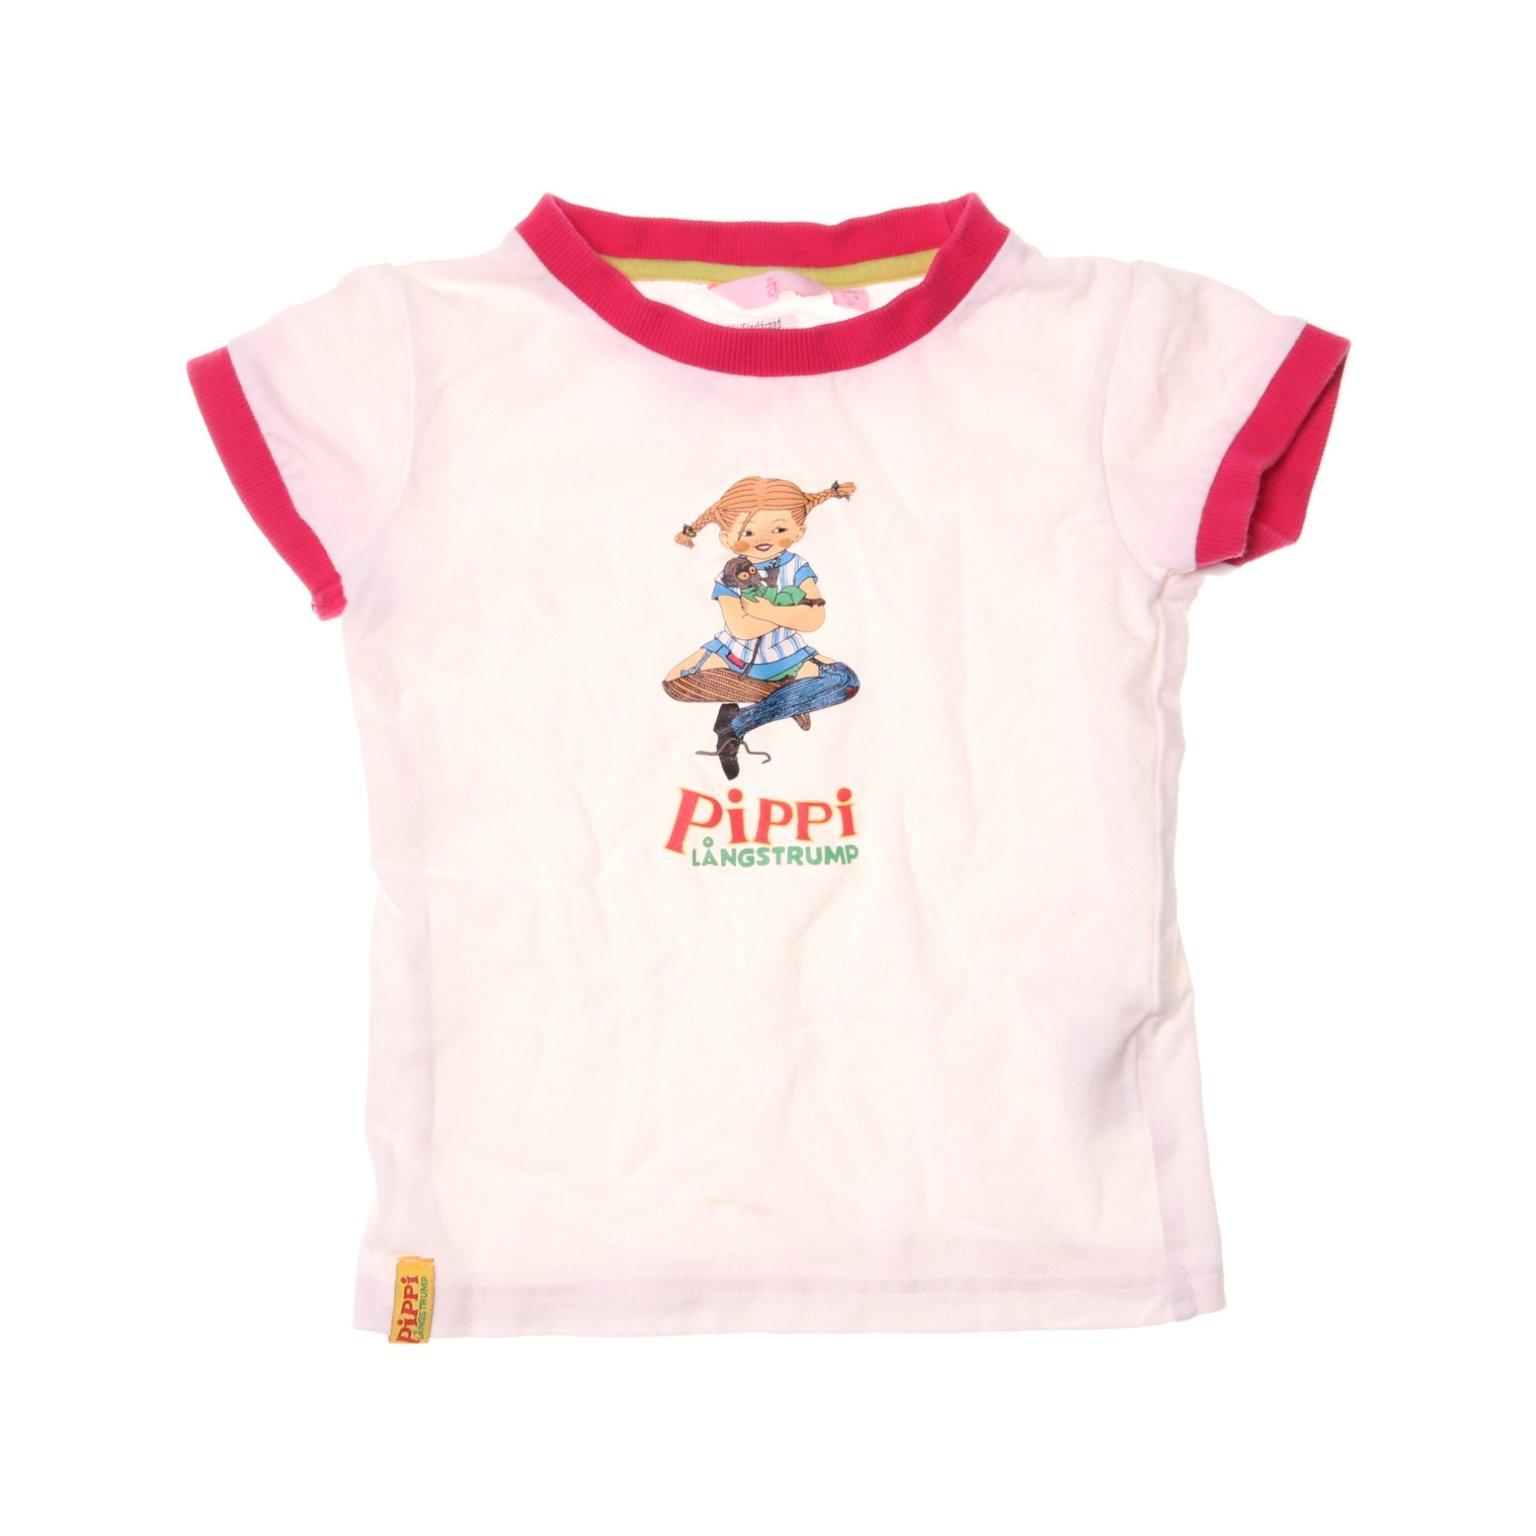 d52074ba7c3b Åhléns, T-shirt, Strl: 104, Pippi Långstr.. (353403019) ᐈ Sellpy på Tradera